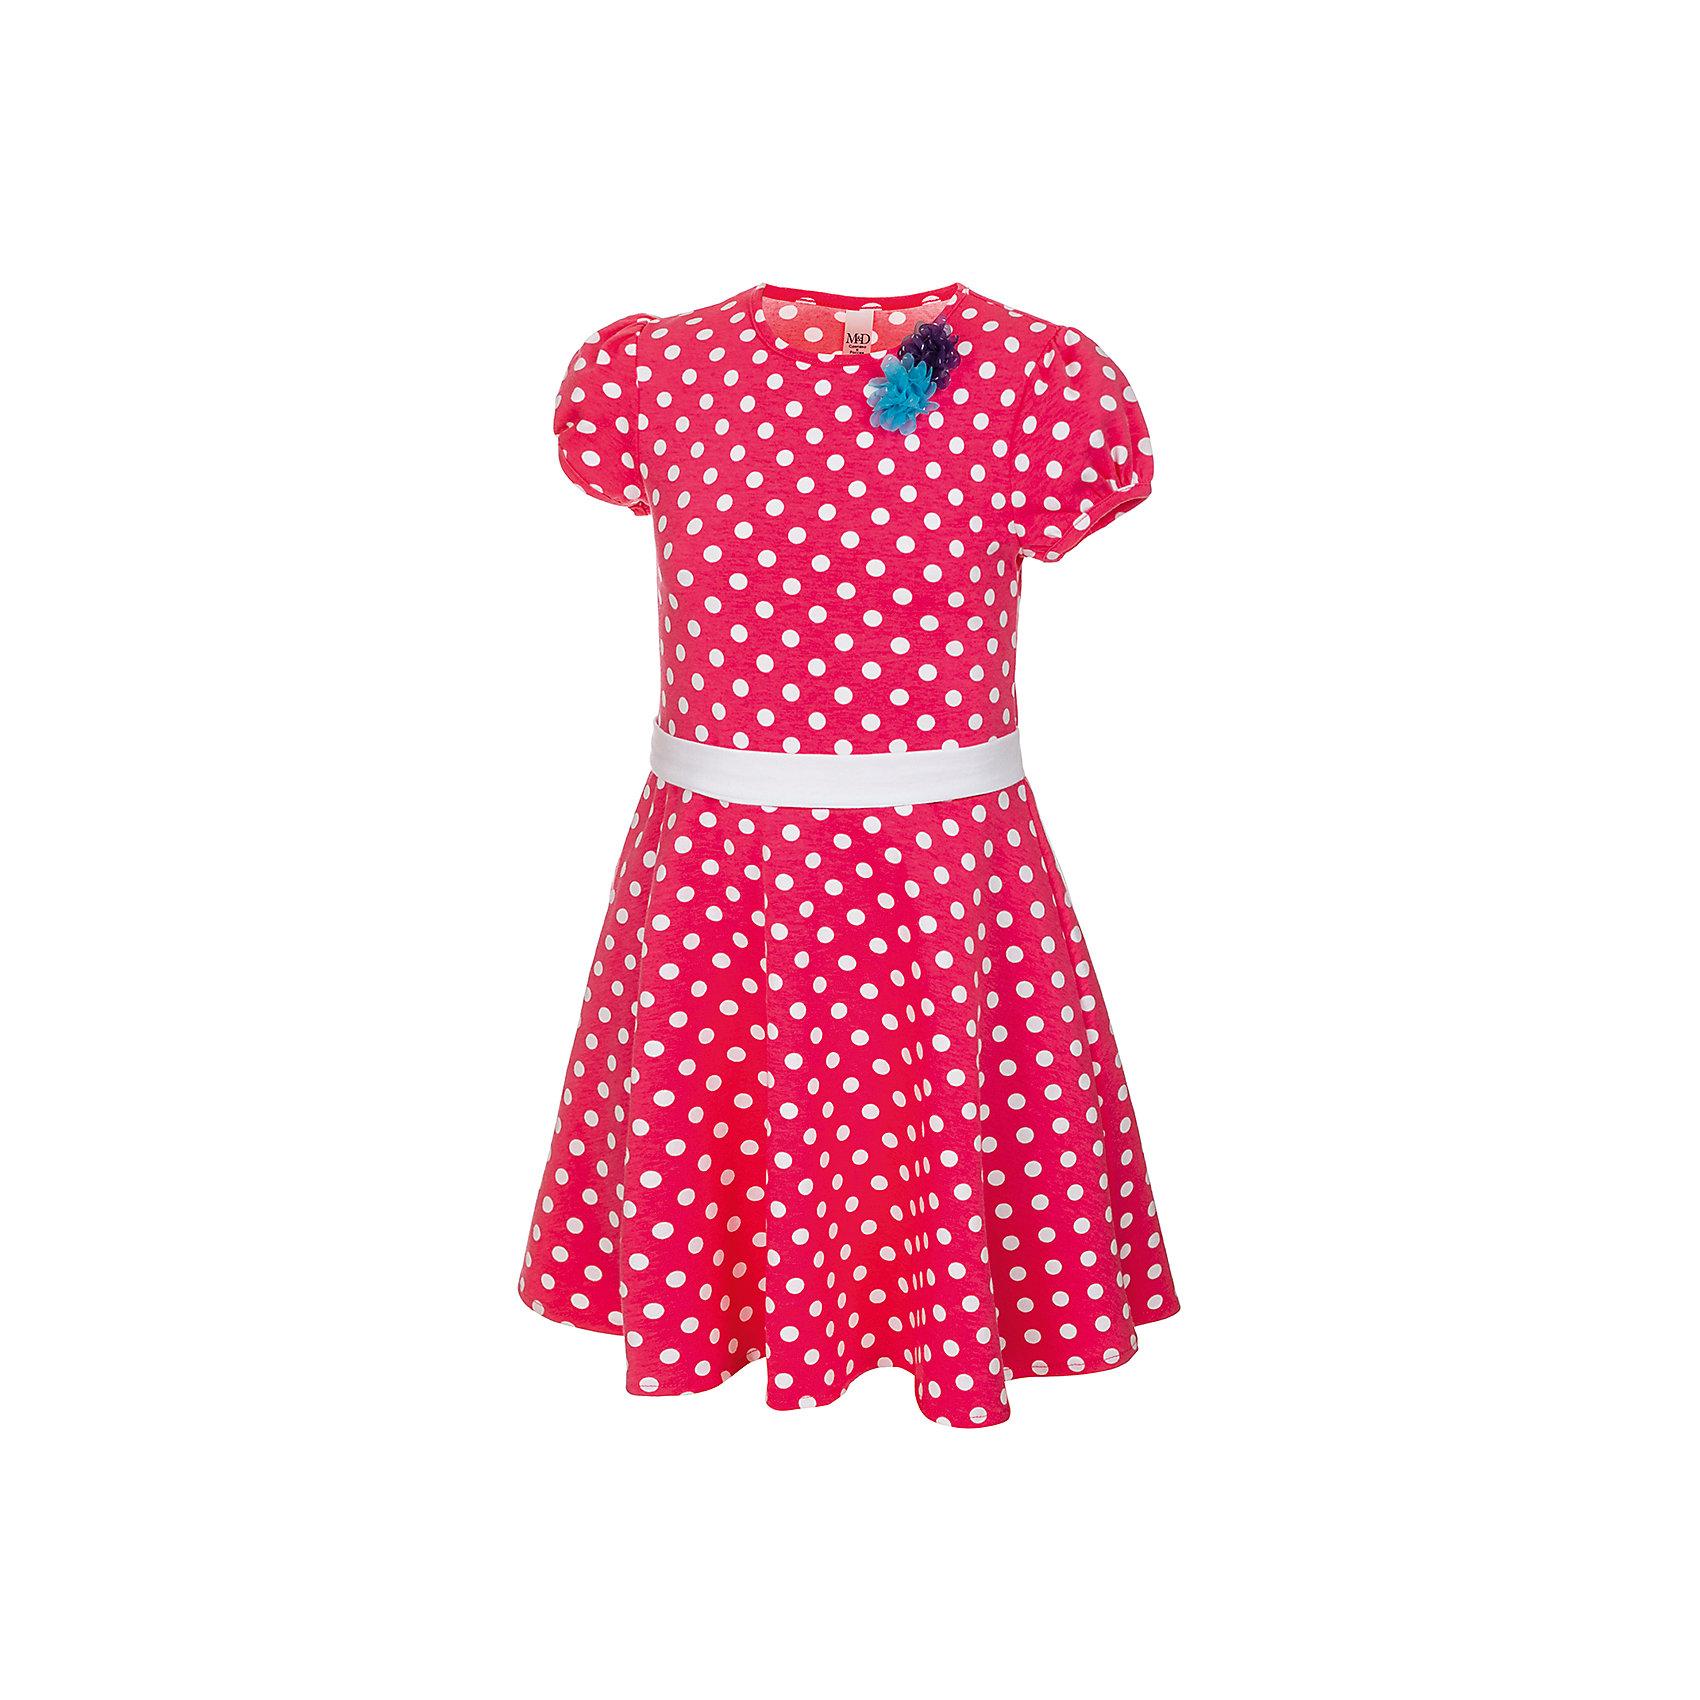 Платье M&amp;D для девочкиПлатья и сарафаны<br>Характеристики товара:<br><br>• цвет: розовый<br>• состав: 100% хлопок<br>• сезон: лето<br>• контрастный пояс<br>• короткие рукава<br>• декор: текстильные цветы<br>• страна бренда: Россия<br>• страна производства: Россия<br><br>Такое платье поможет создать комфорт в теплую погоду. Хлопковое платье для девочки красиво смотрится благодаря цветочному декору. Летнее платье для ребенка сделано из натурального дышащего материала. <br><br>Платье M&amp;D для девочки можно купить в нашем интернет-магазине.<br><br>Ширина мм: 236<br>Глубина мм: 16<br>Высота мм: 184<br>Вес г: 177<br>Цвет: белый<br>Возраст от месяцев: 24<br>Возраст до месяцев: 36<br>Пол: Женский<br>Возраст: Детский<br>Размер: 98,104,110,116,122,128<br>SKU: 7012515